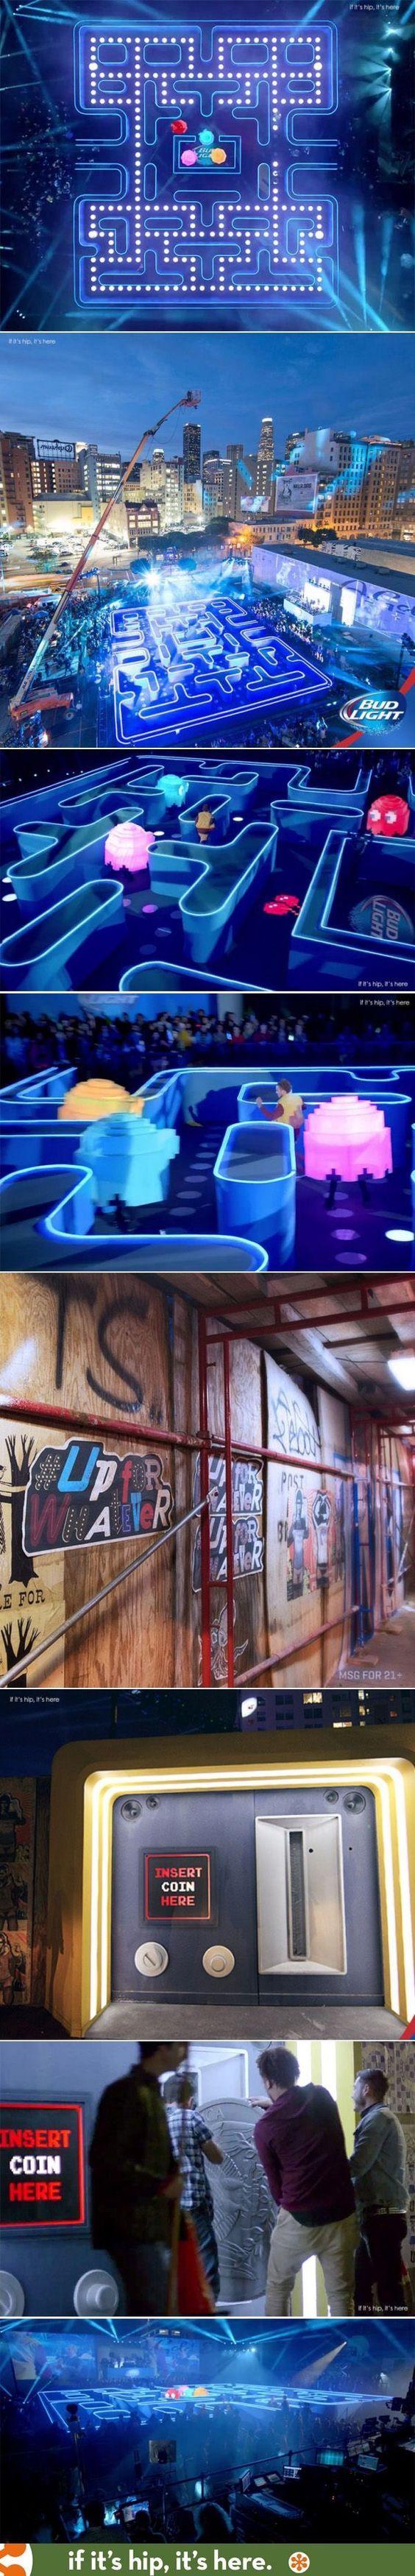 """Bud Light """"Coin"""" Spot – Superbowl 2015"""